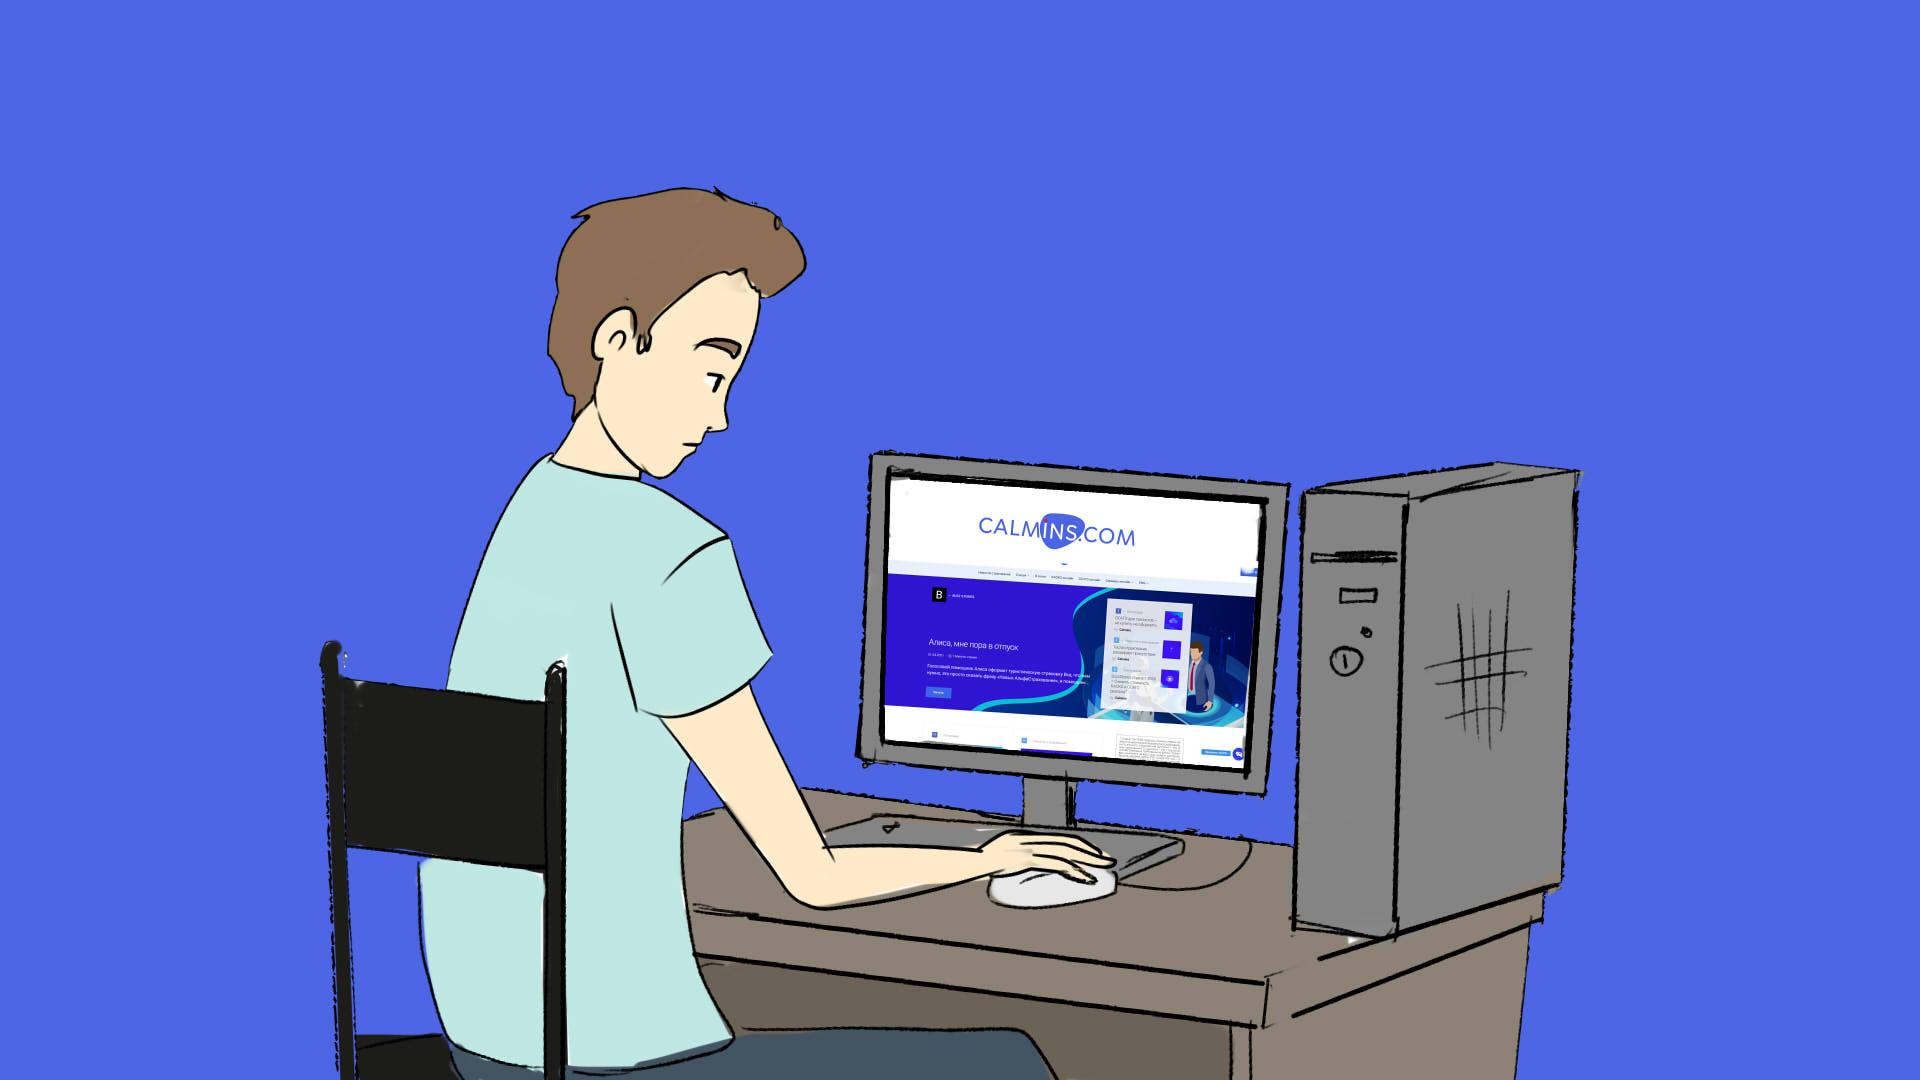 Как страховому агенту использовать социальные сети